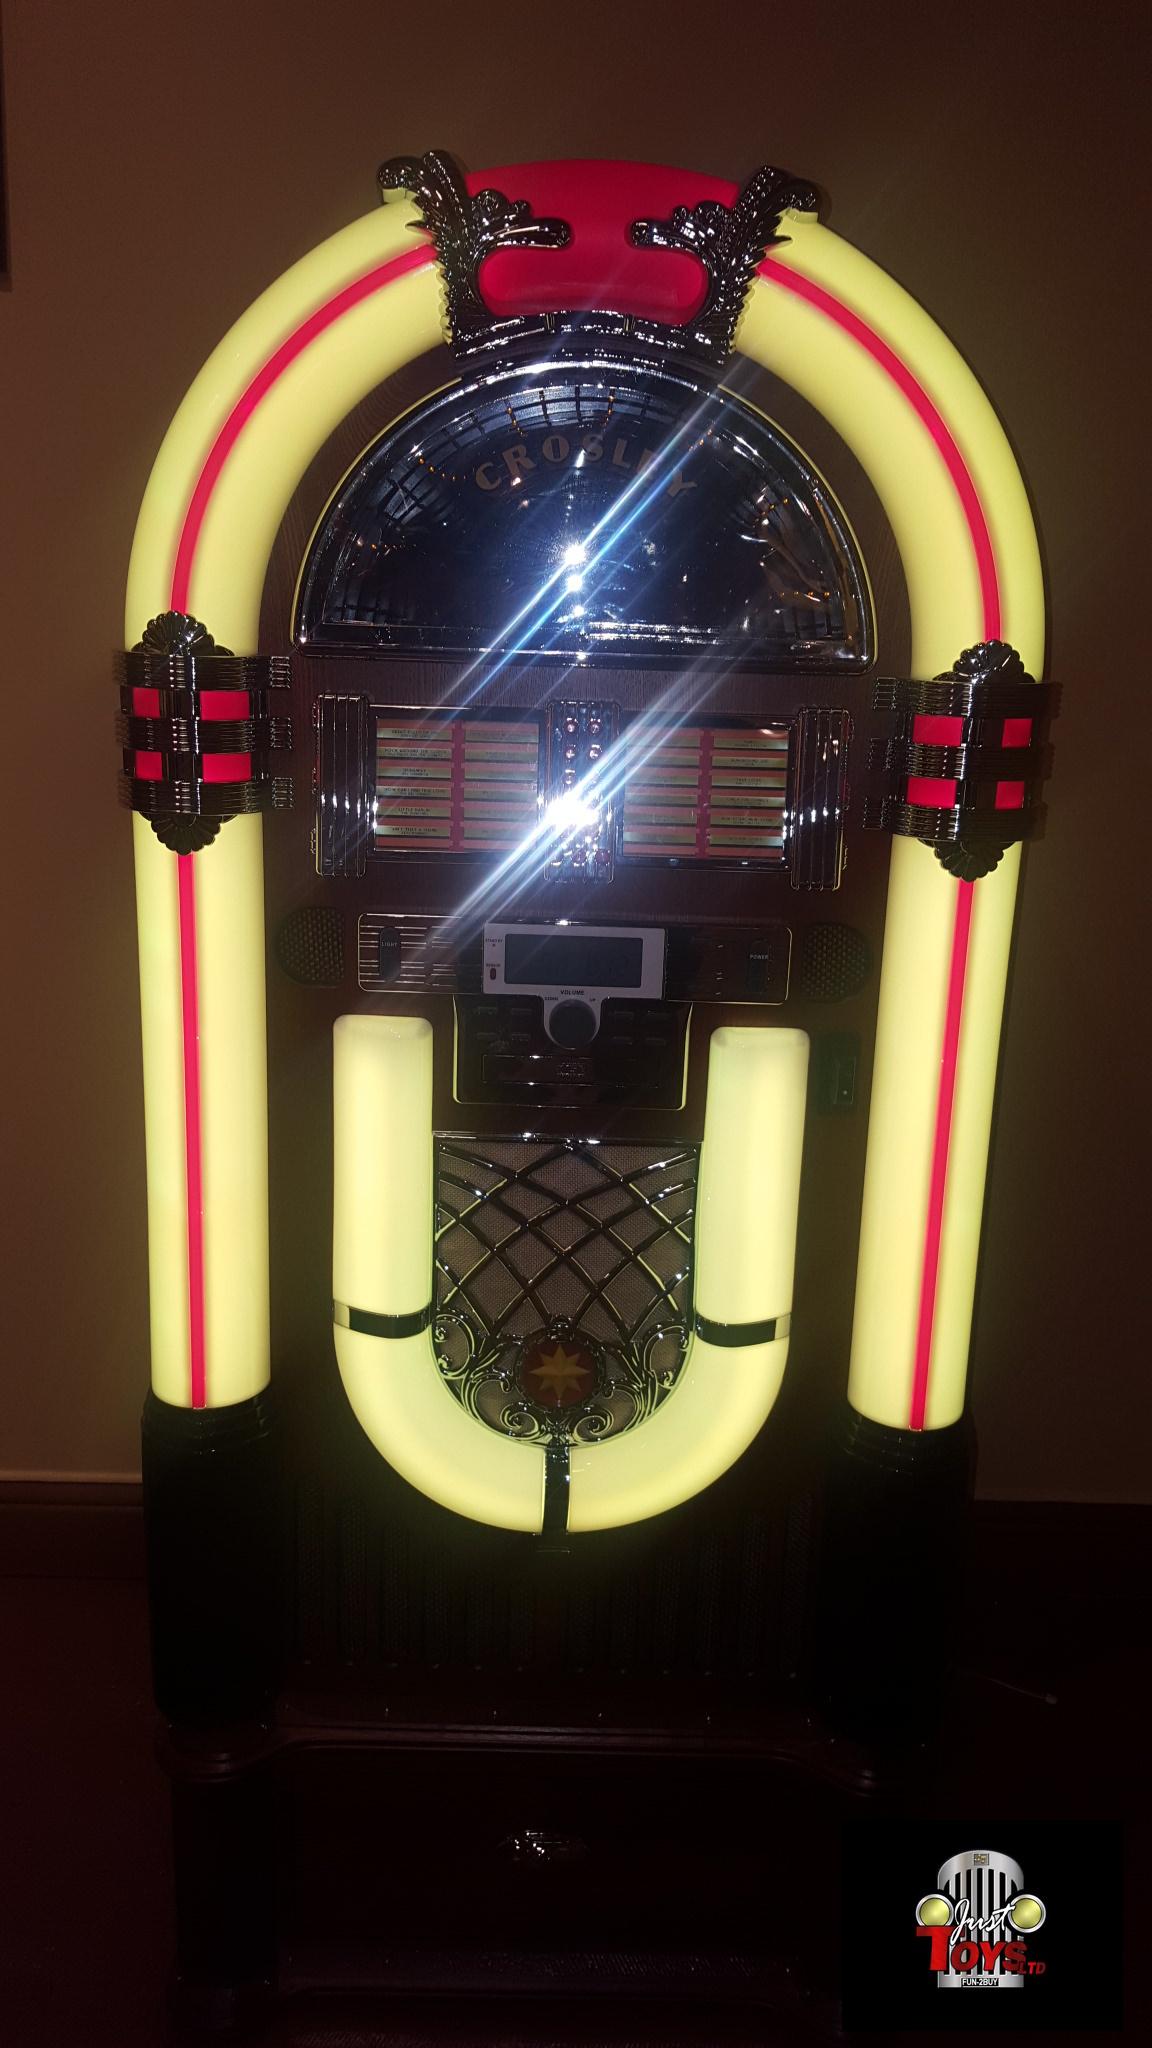 Crosley Electronic Juke Box